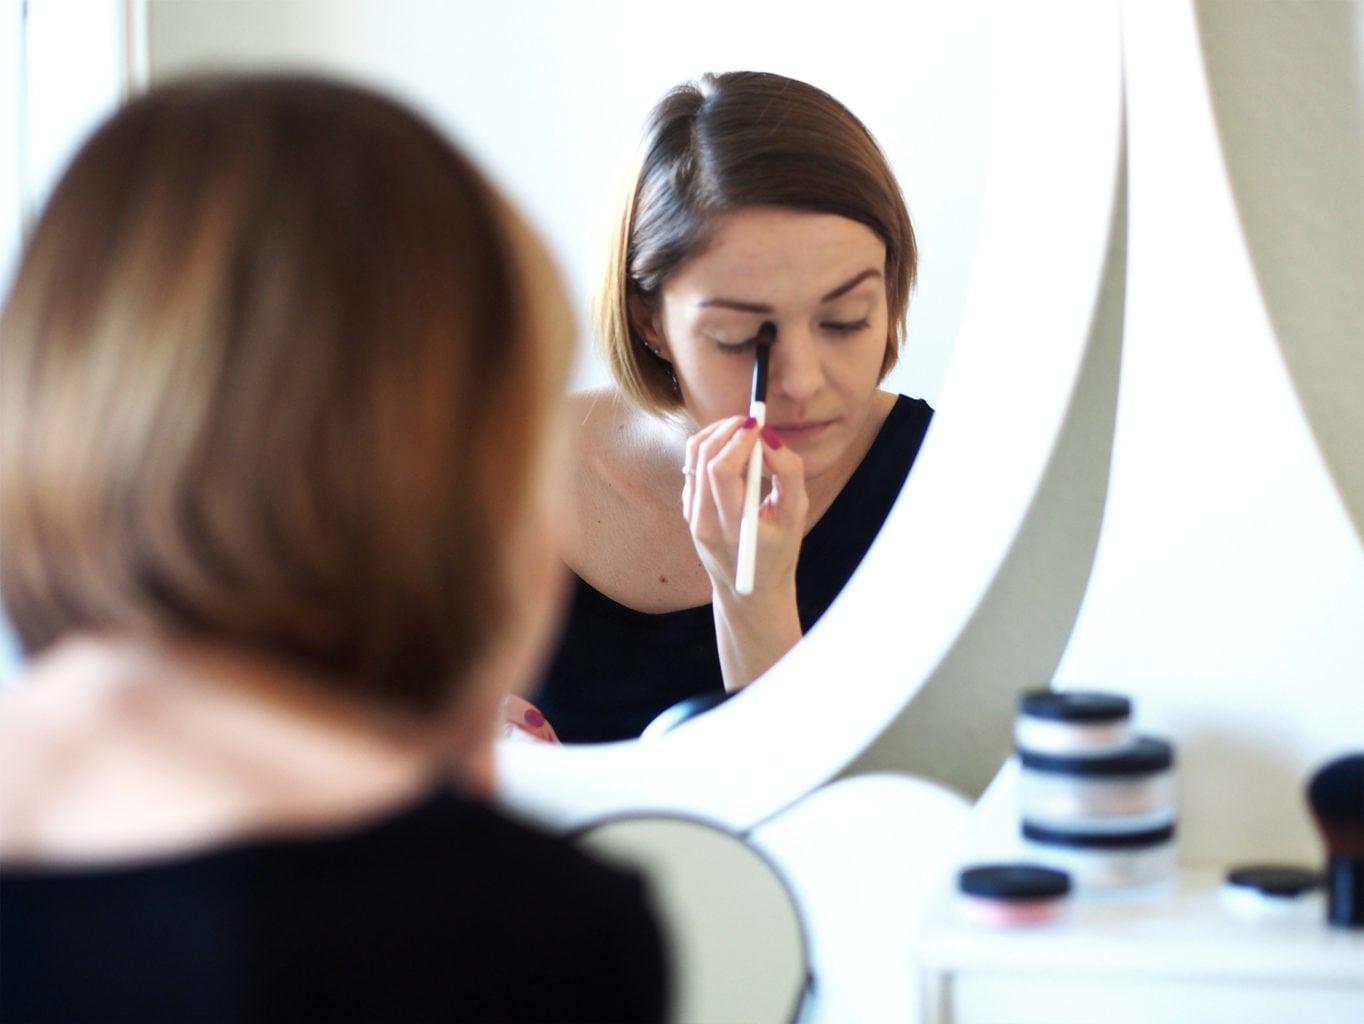 Jaki makijaż jest najzdrowszy dla twojej cery?